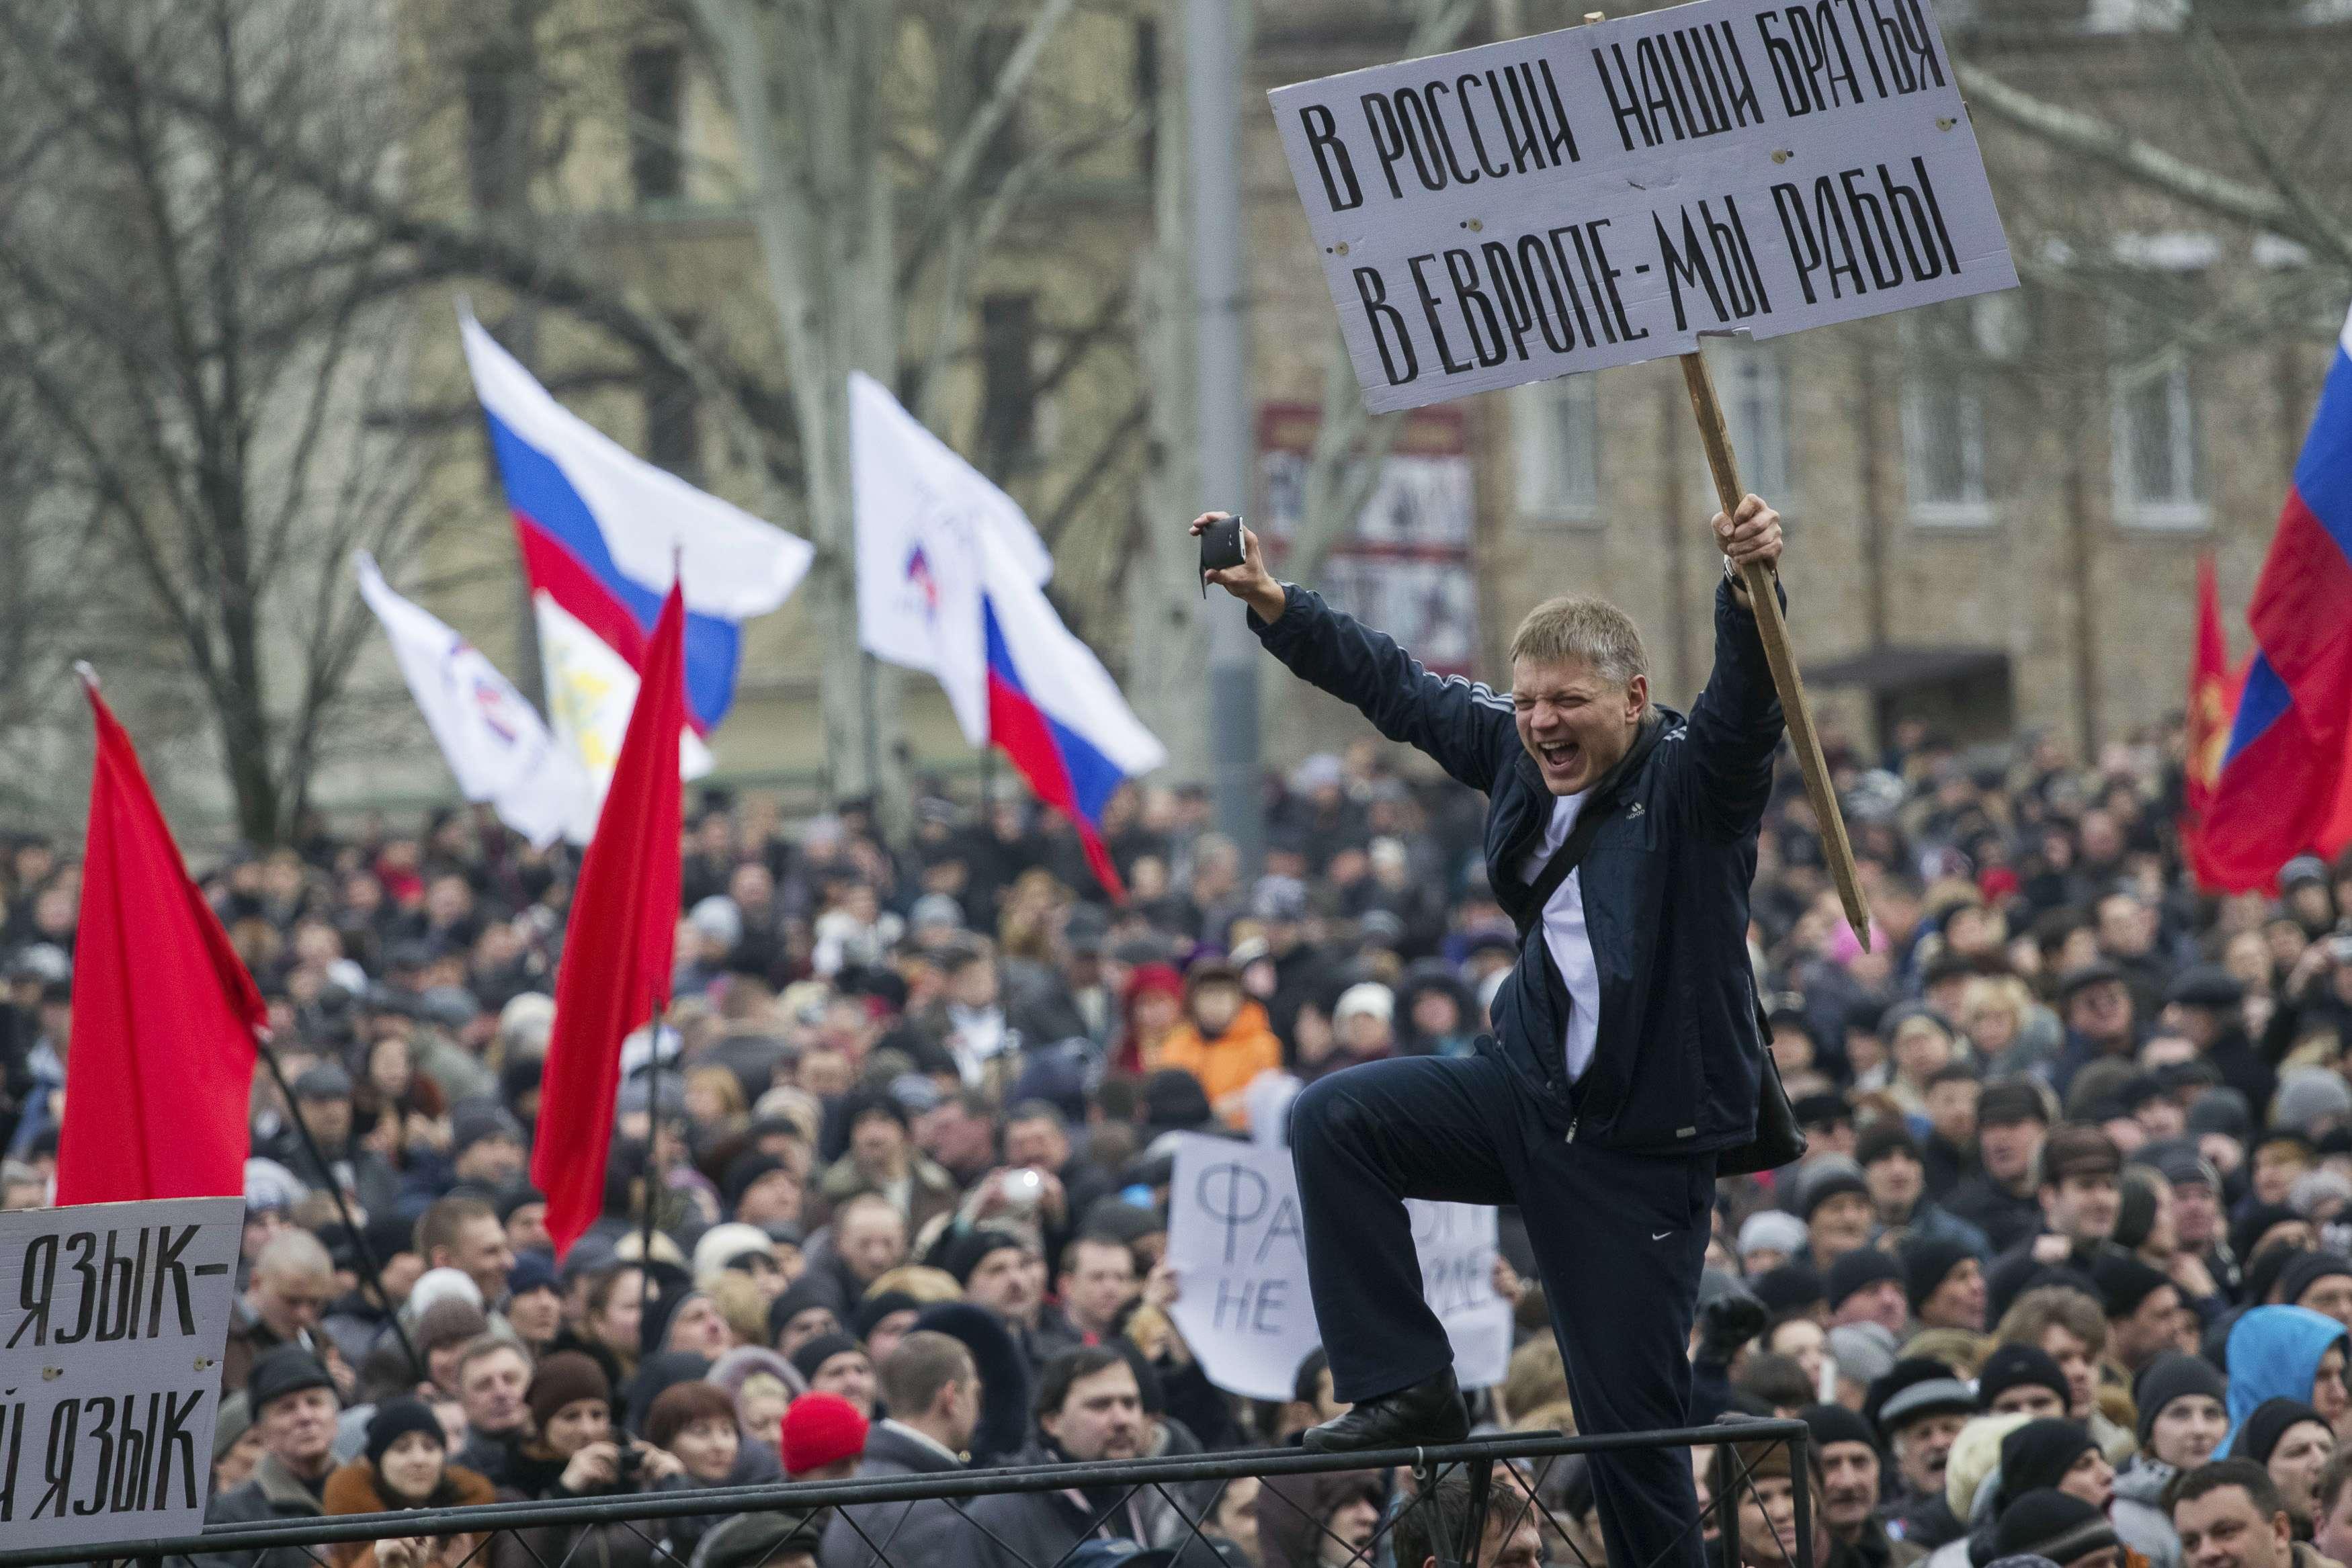 """""""Я живу в Донецке 5 лет, как в тюрьме. За что мне это дерьмо"""", - пособник оккупантов Болотин жалуется на """"власти ДНР"""" и призывает к акции неповиновения - Цензор.НЕТ 1759"""